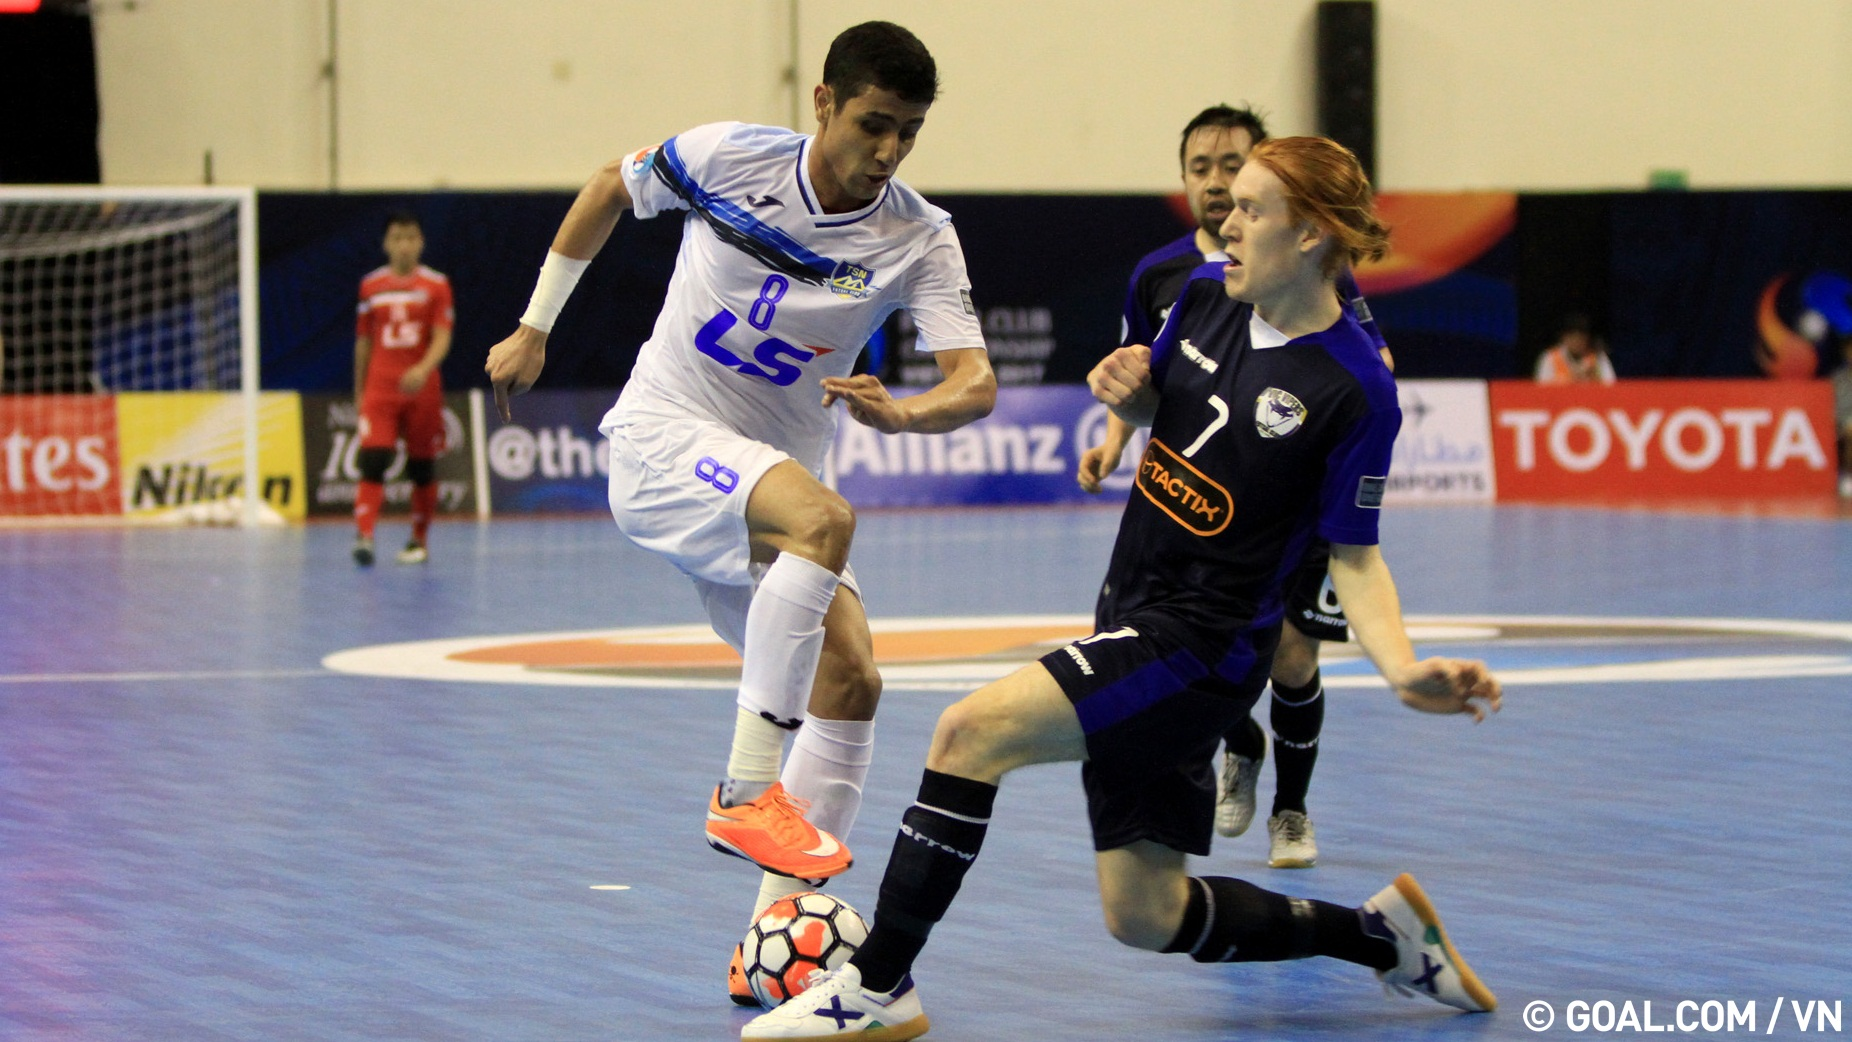 2017 AFC Futsal Club Championship | Thái Sơn Nam 9-2 Vic Vipers